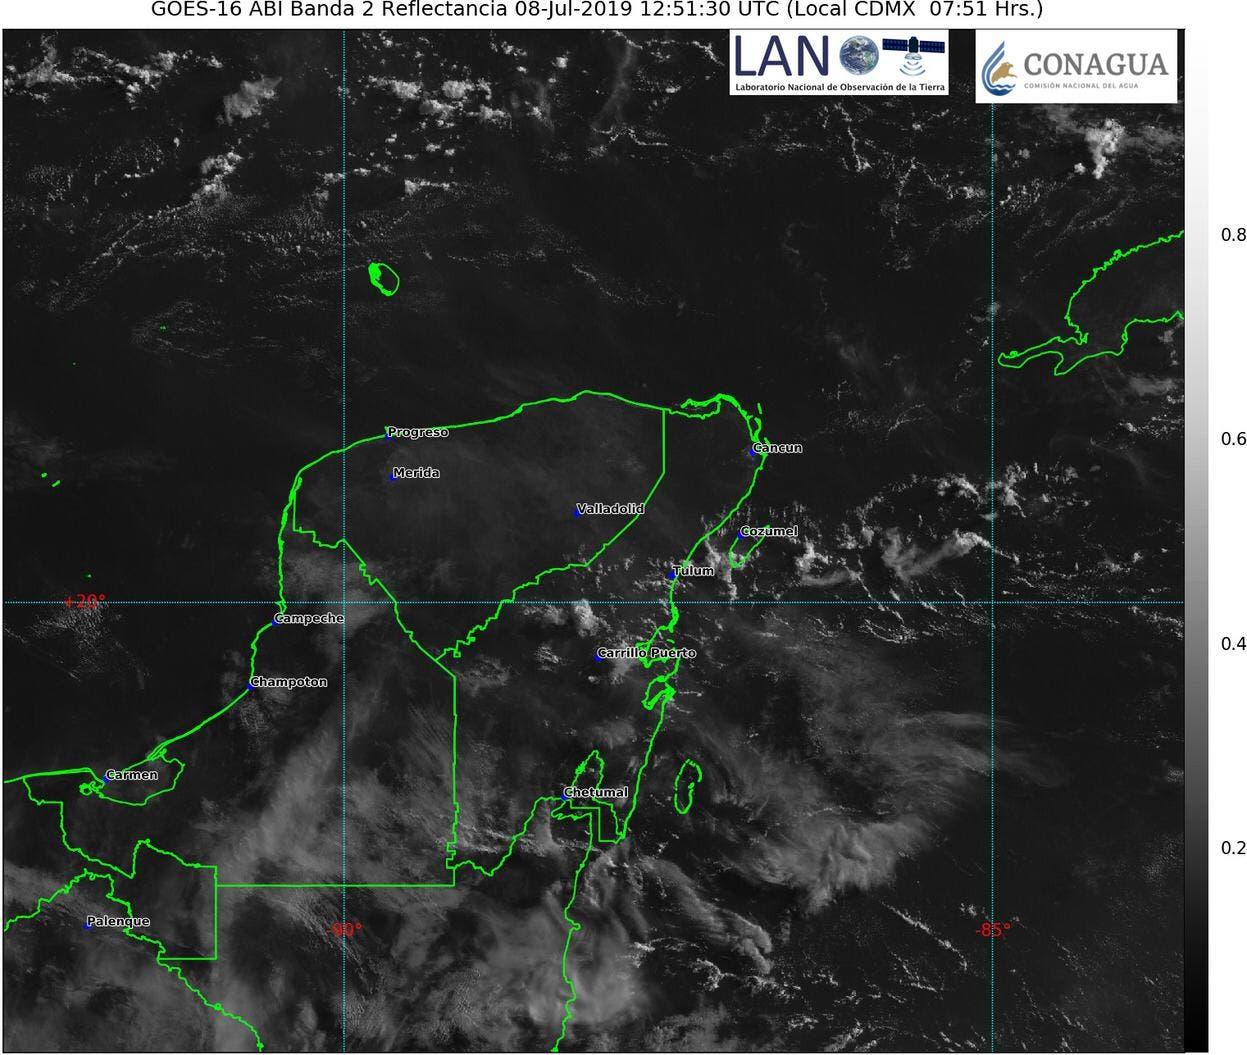 Para hoy lunes, el pronóstico del clima en Yucatán, estima temperaturas de calurosas a muy calurosas con lluvias por la tarde.